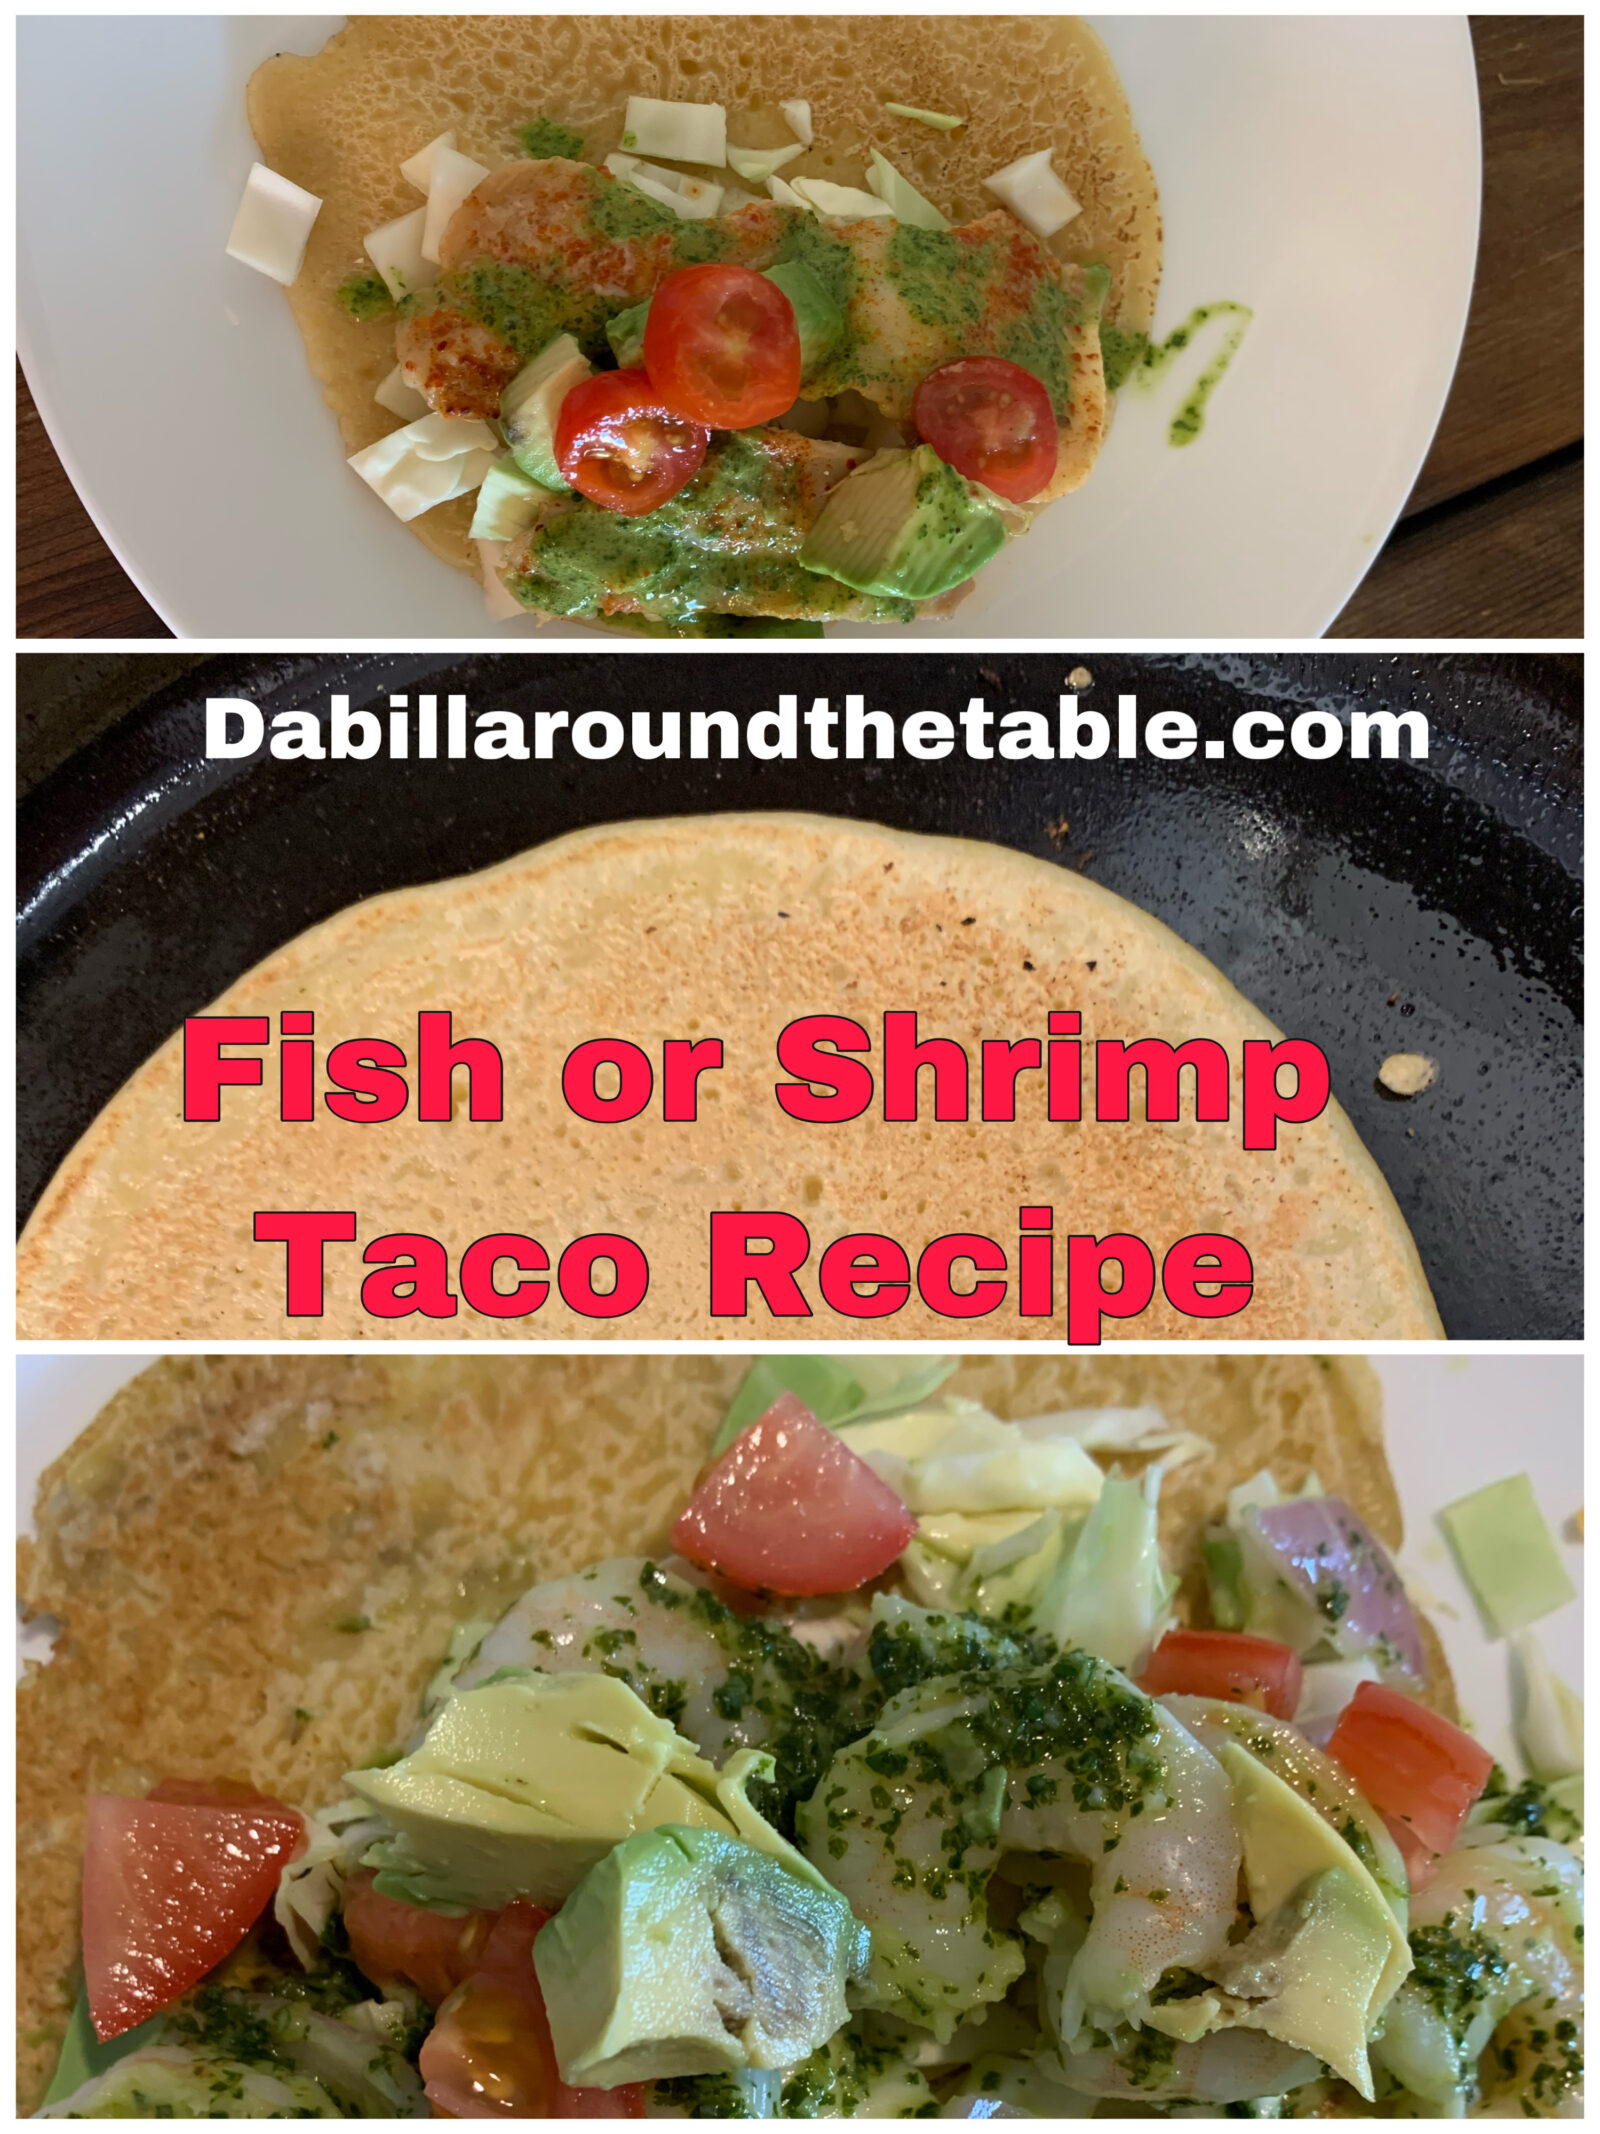 Fish or Shrimp Taco Recipe